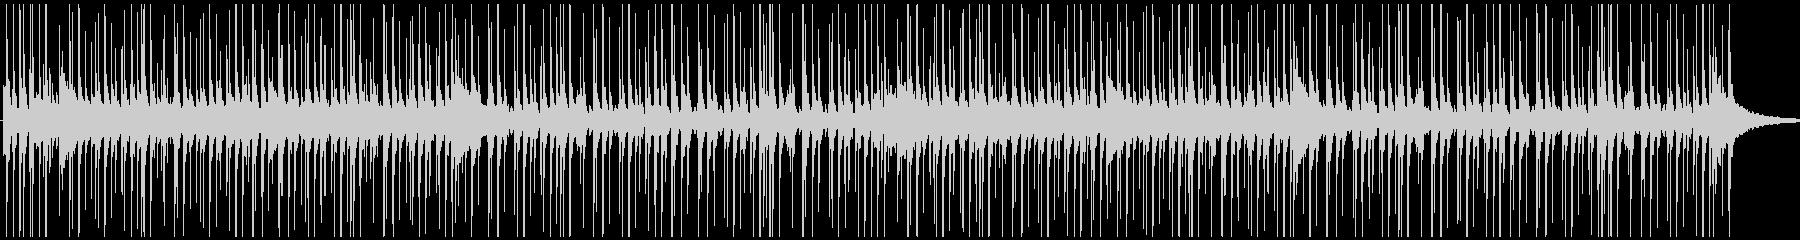 陽気 サンバ ラテンなソロドラムの未再生の波形